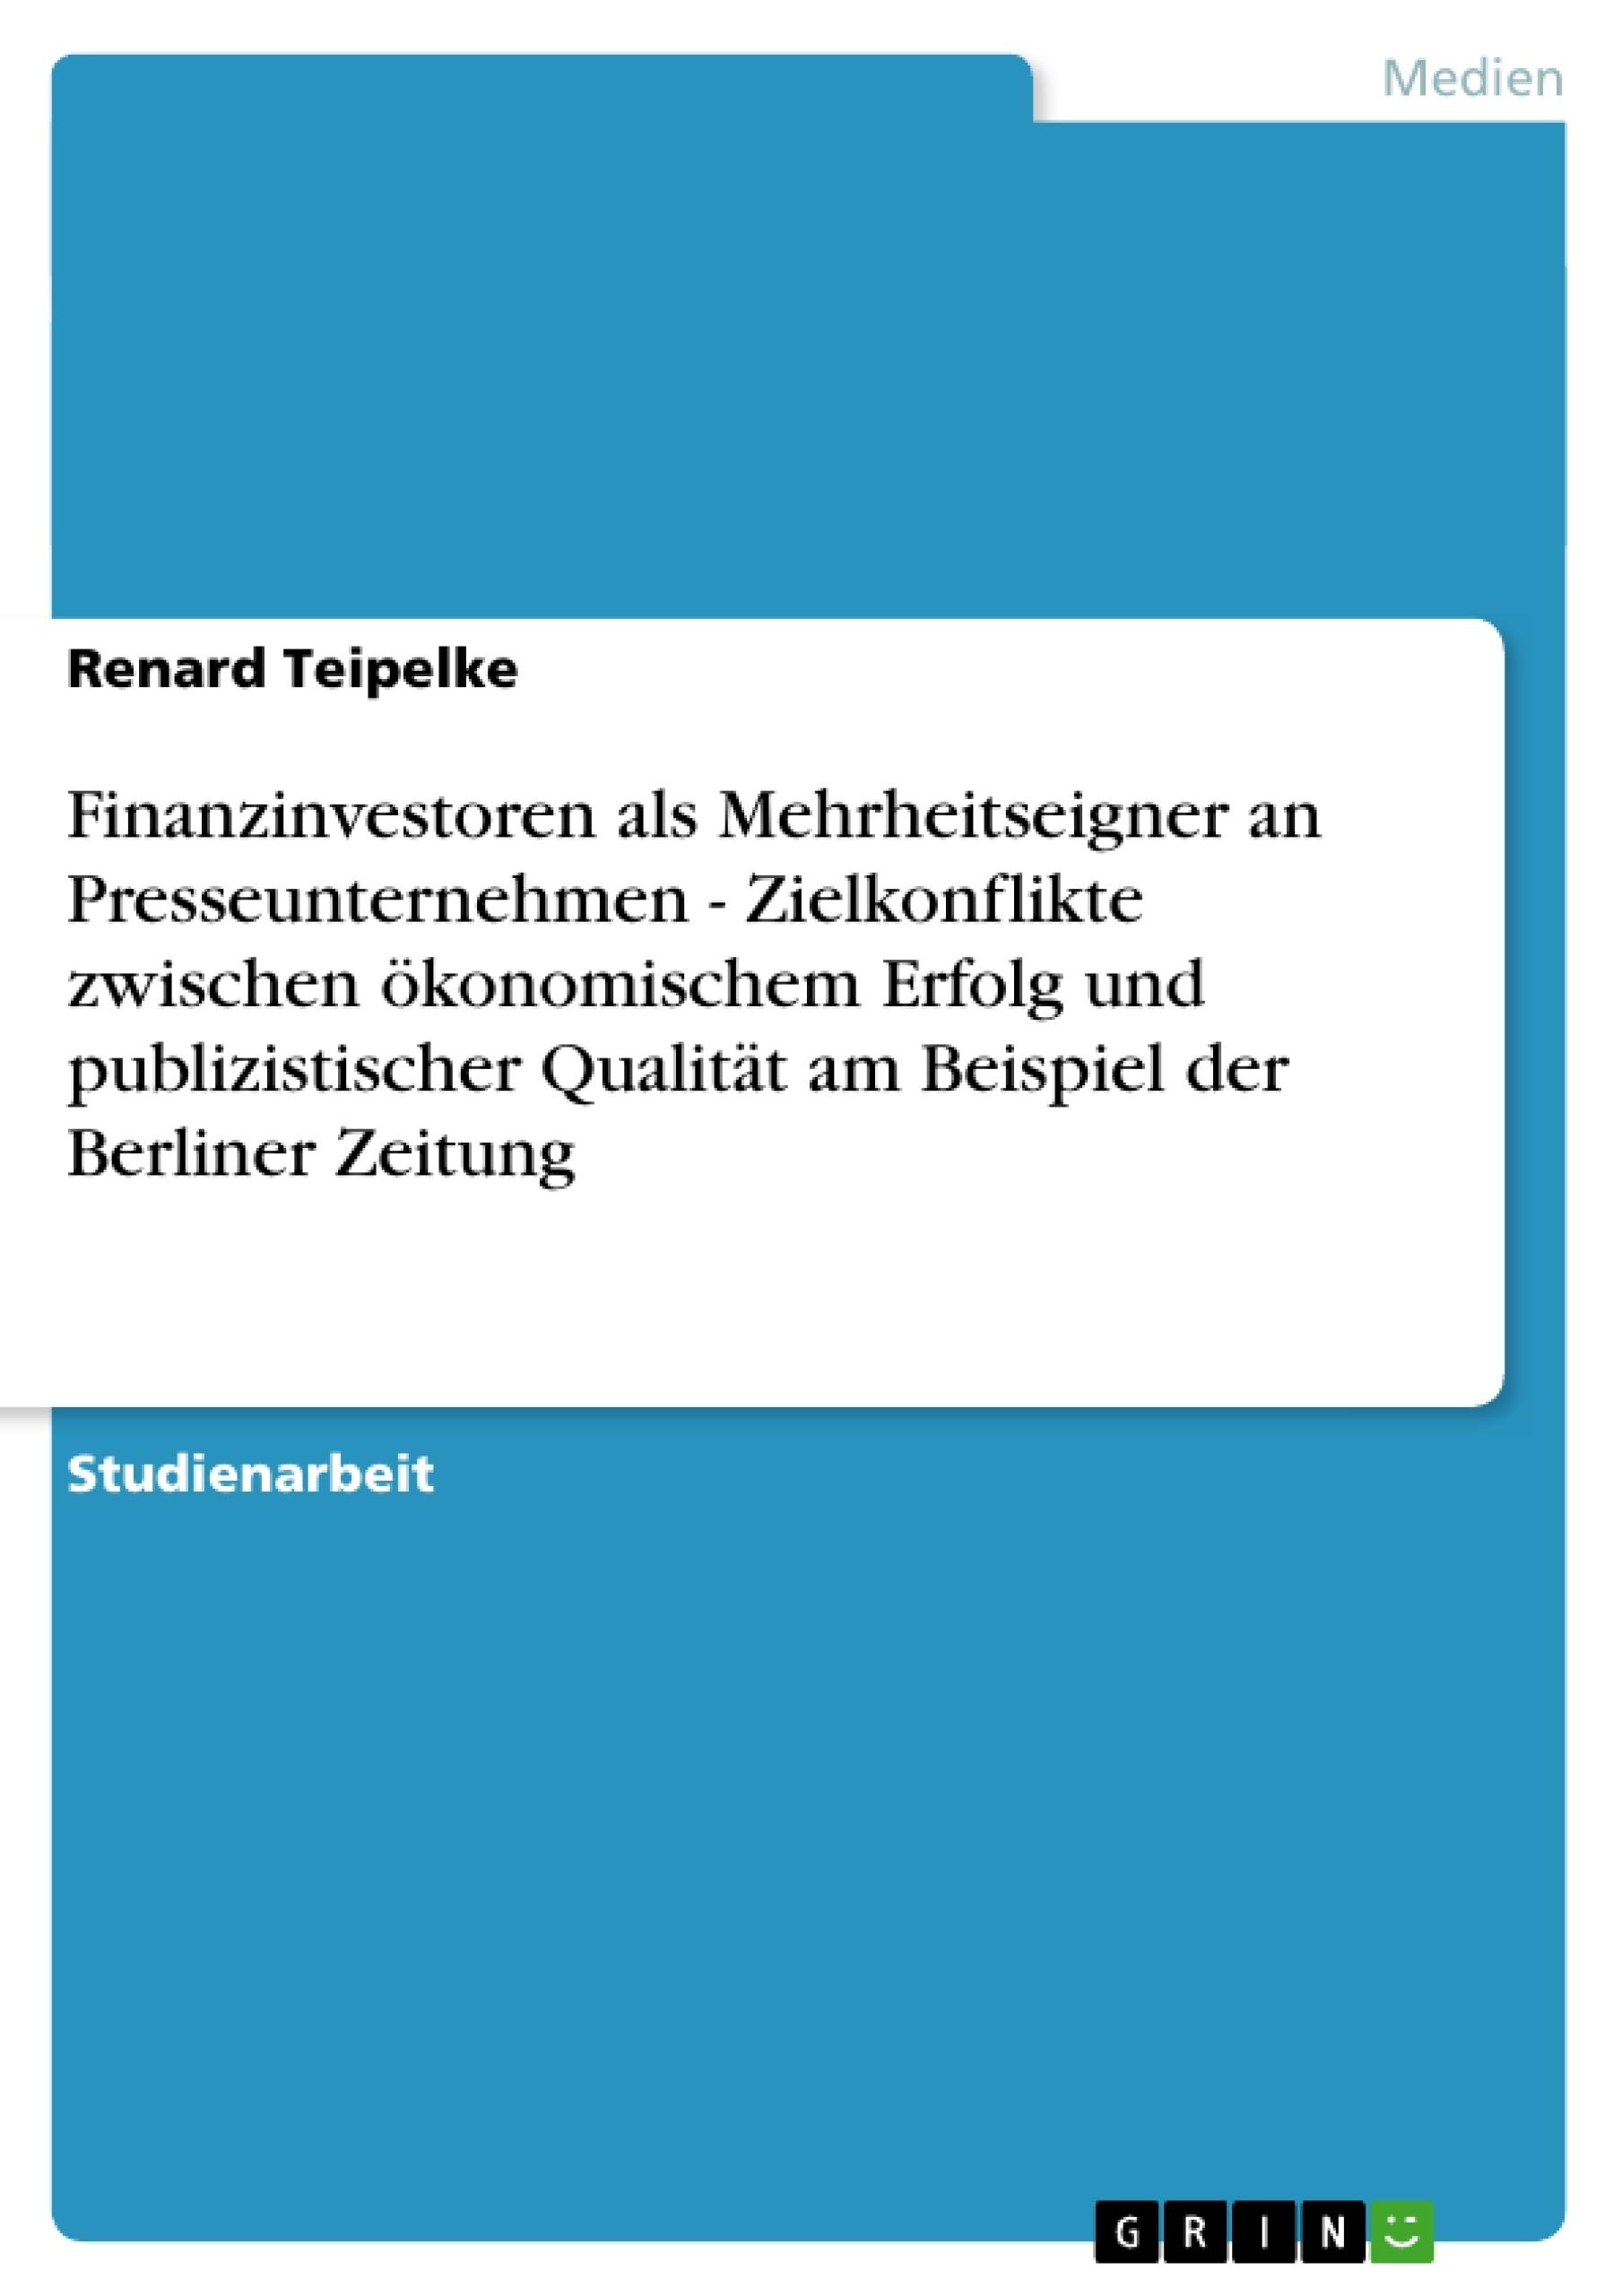 Titel: Finanzinvestoren als Mehrheitseigner an Presseunternehmen - Zielkonflikte zwischen ökonomischem Erfolg und publizistischer Qualität am Beispiel der Berliner Zeitung